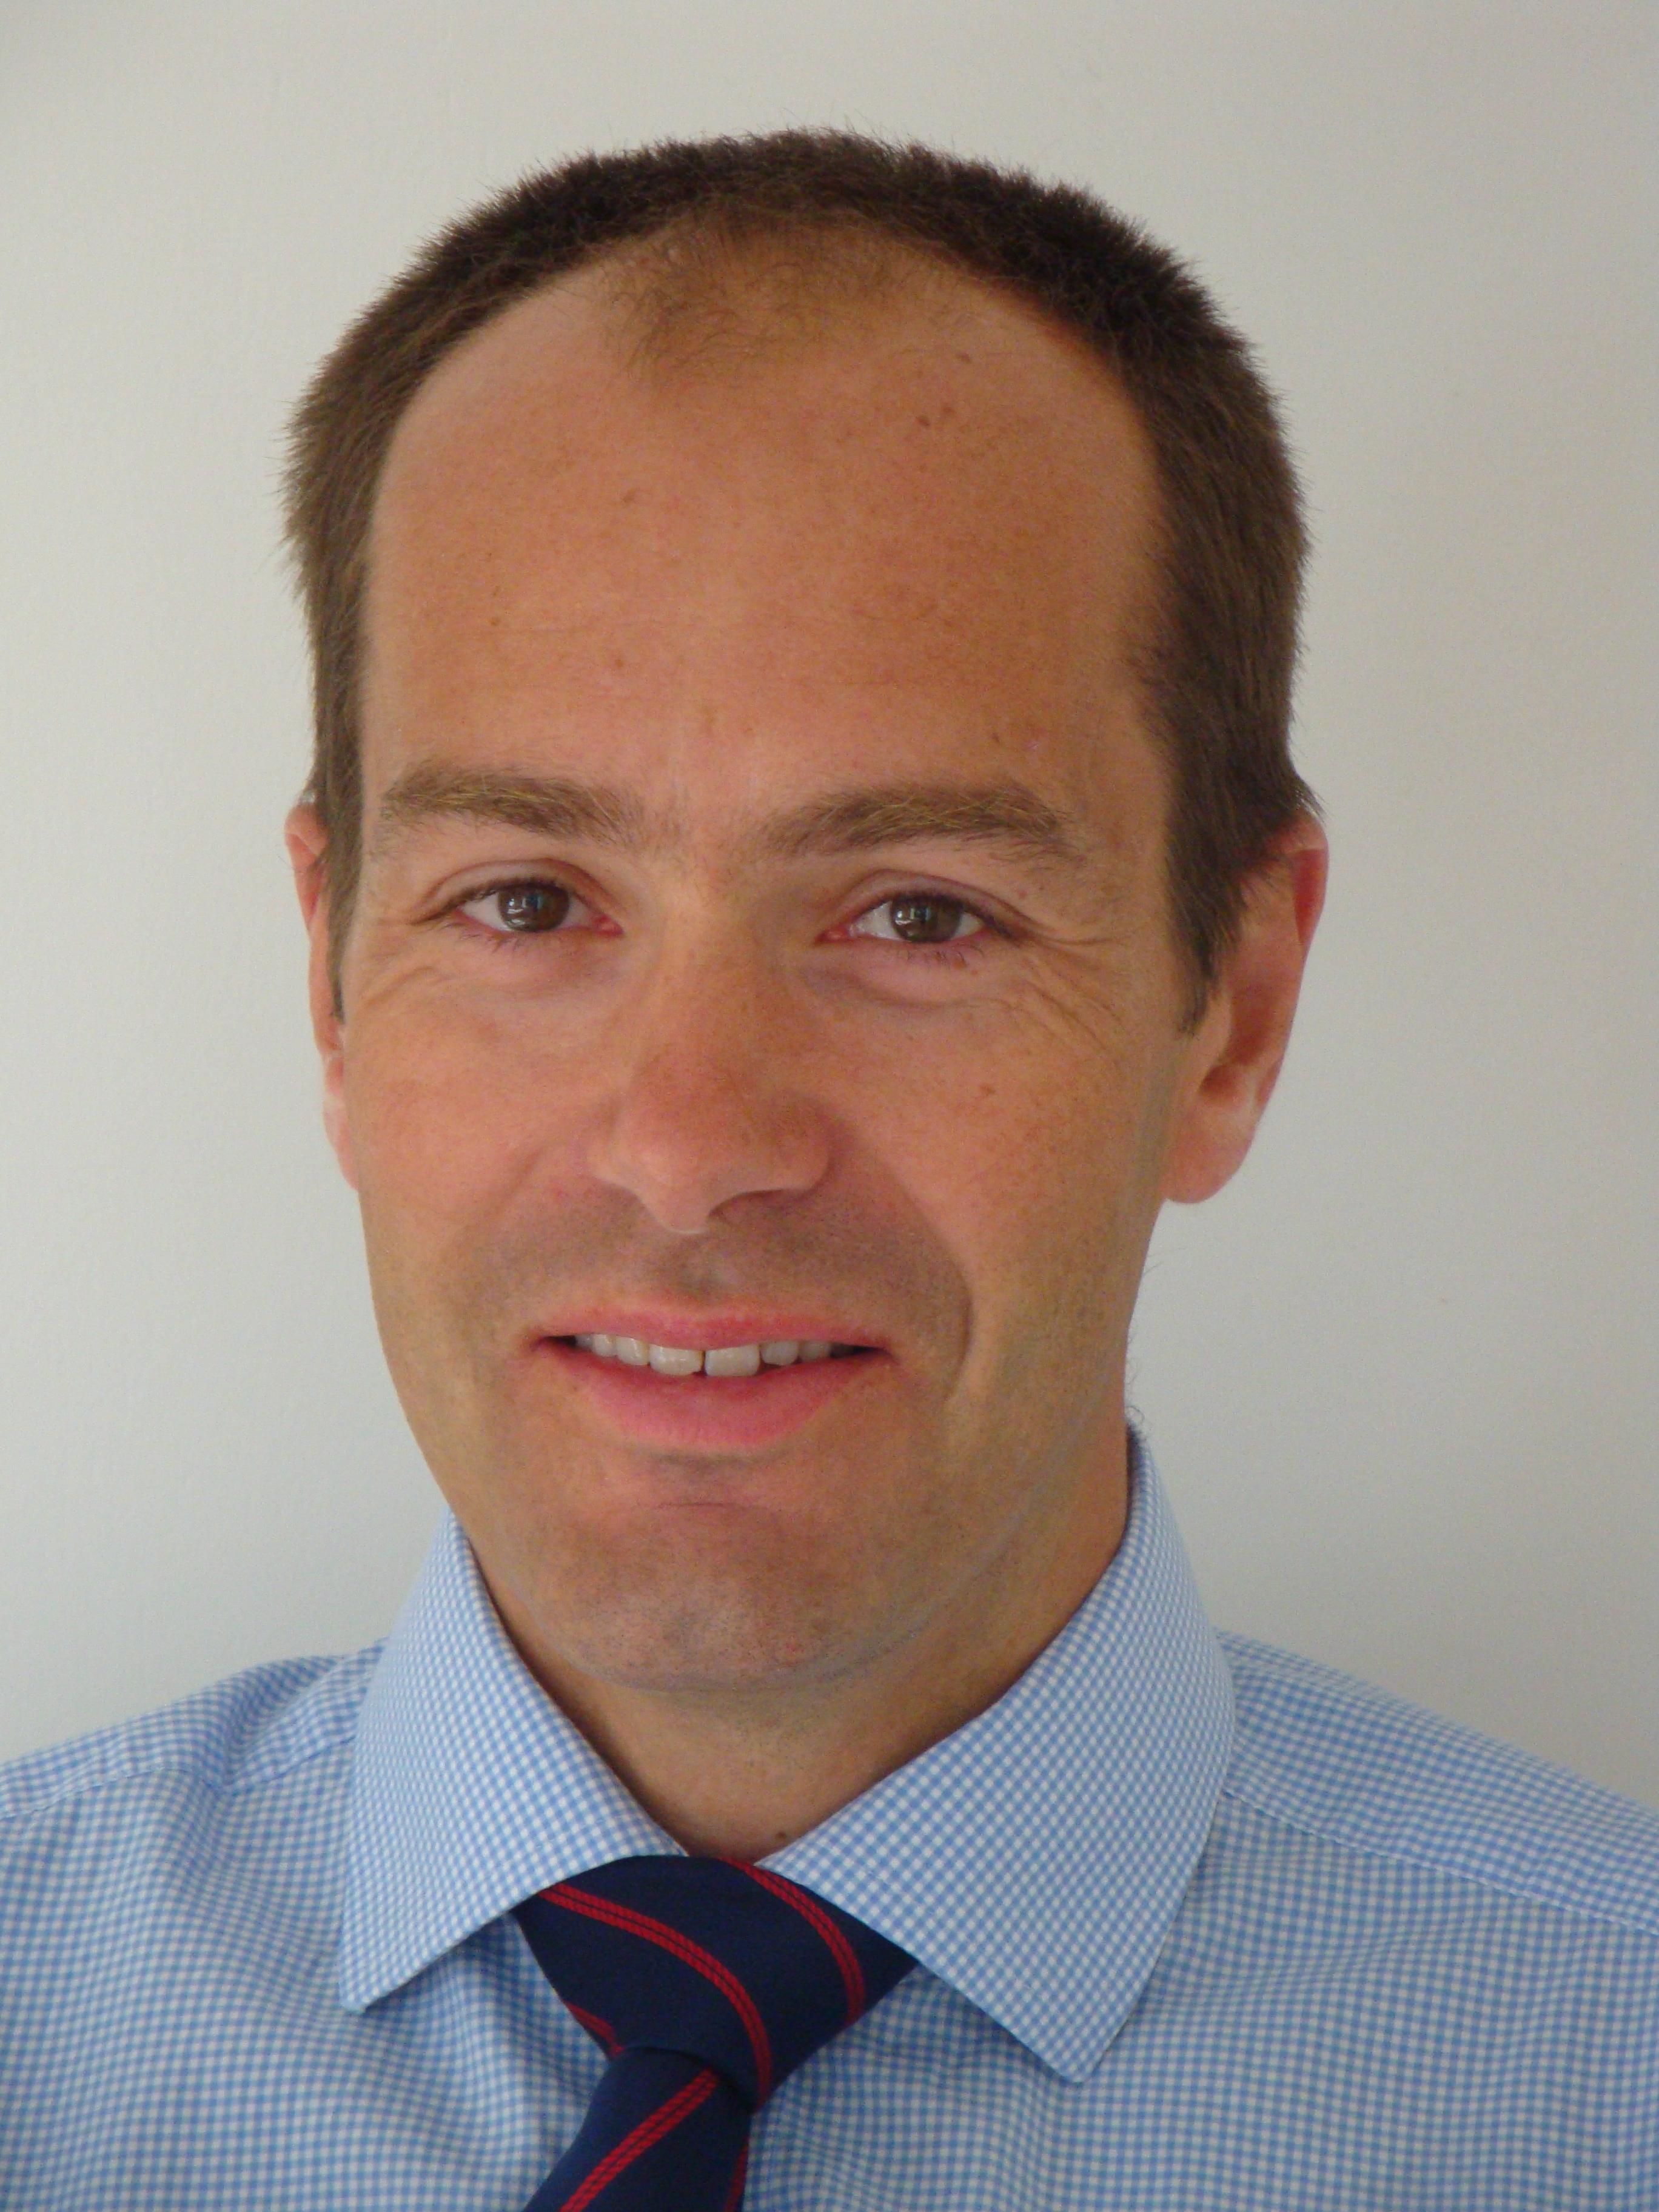 Mr Simon Wilkinson